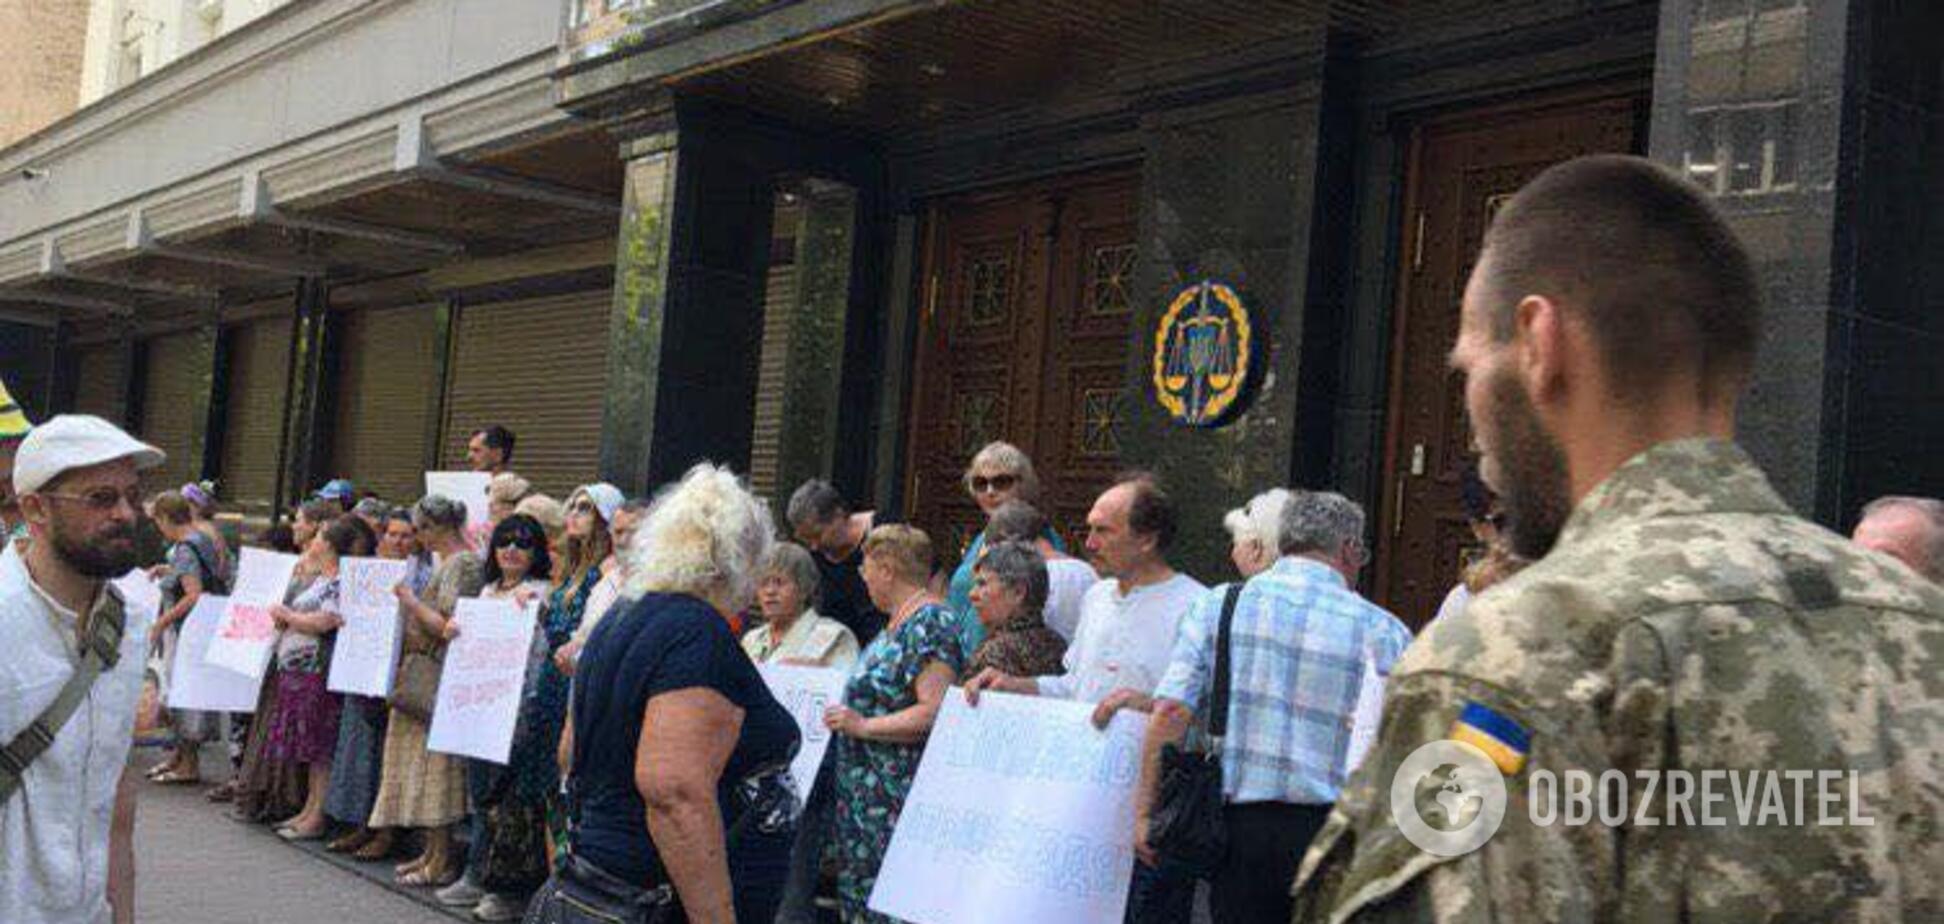 'За ґрати!' У Києві під ГПУ зібрався мітинг проти одіозного ексбійця 'Правого сектора'